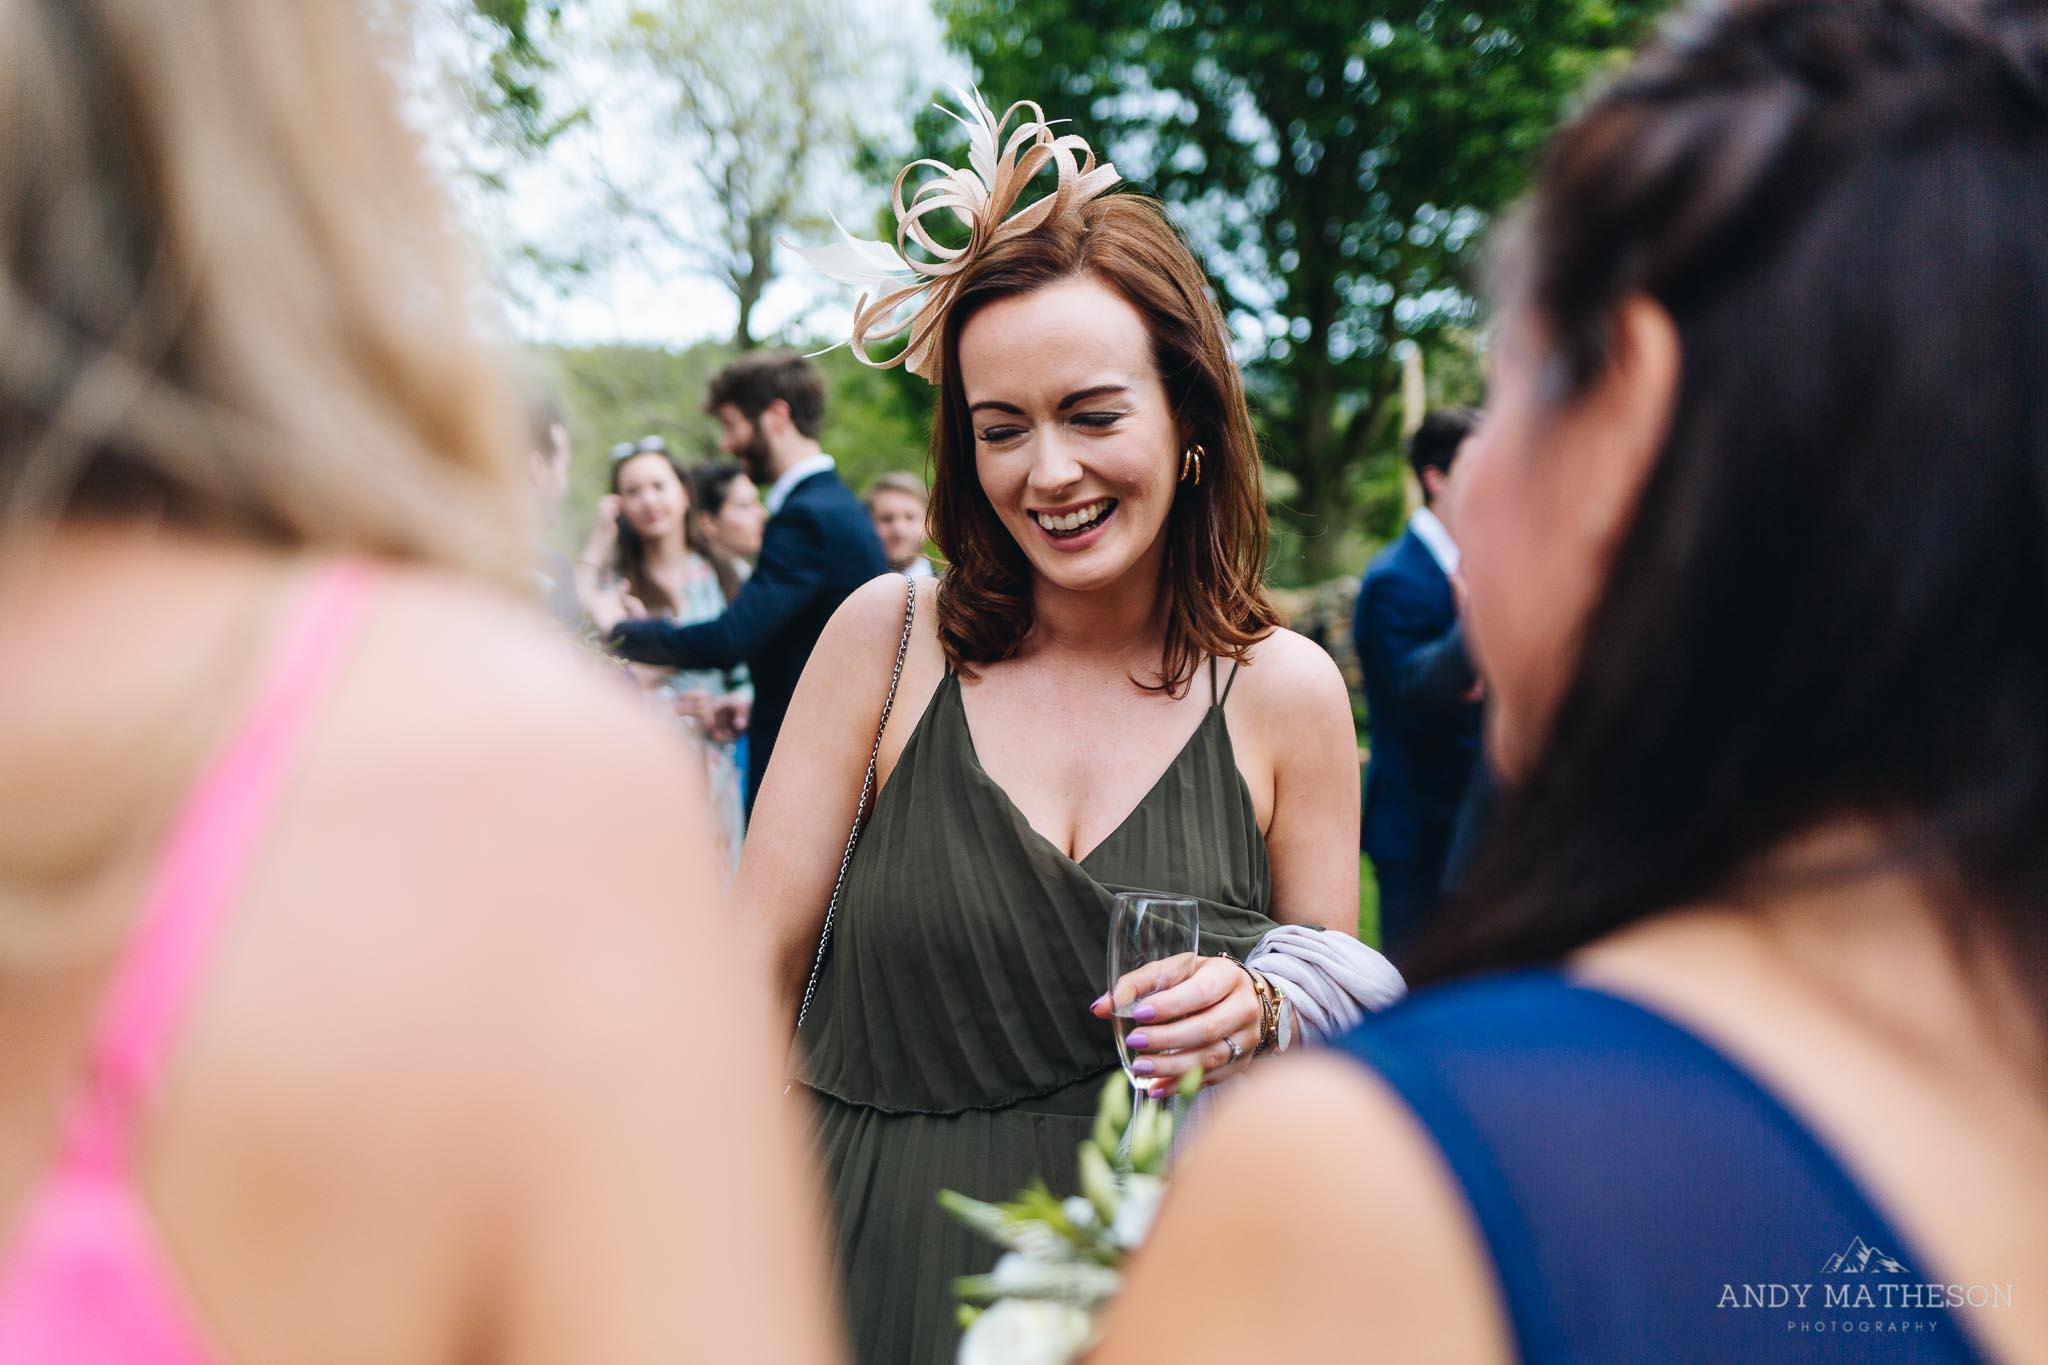 Tithe Barn Bolton Abbey Wedding Photographer_Andy Matheson_049.jpg